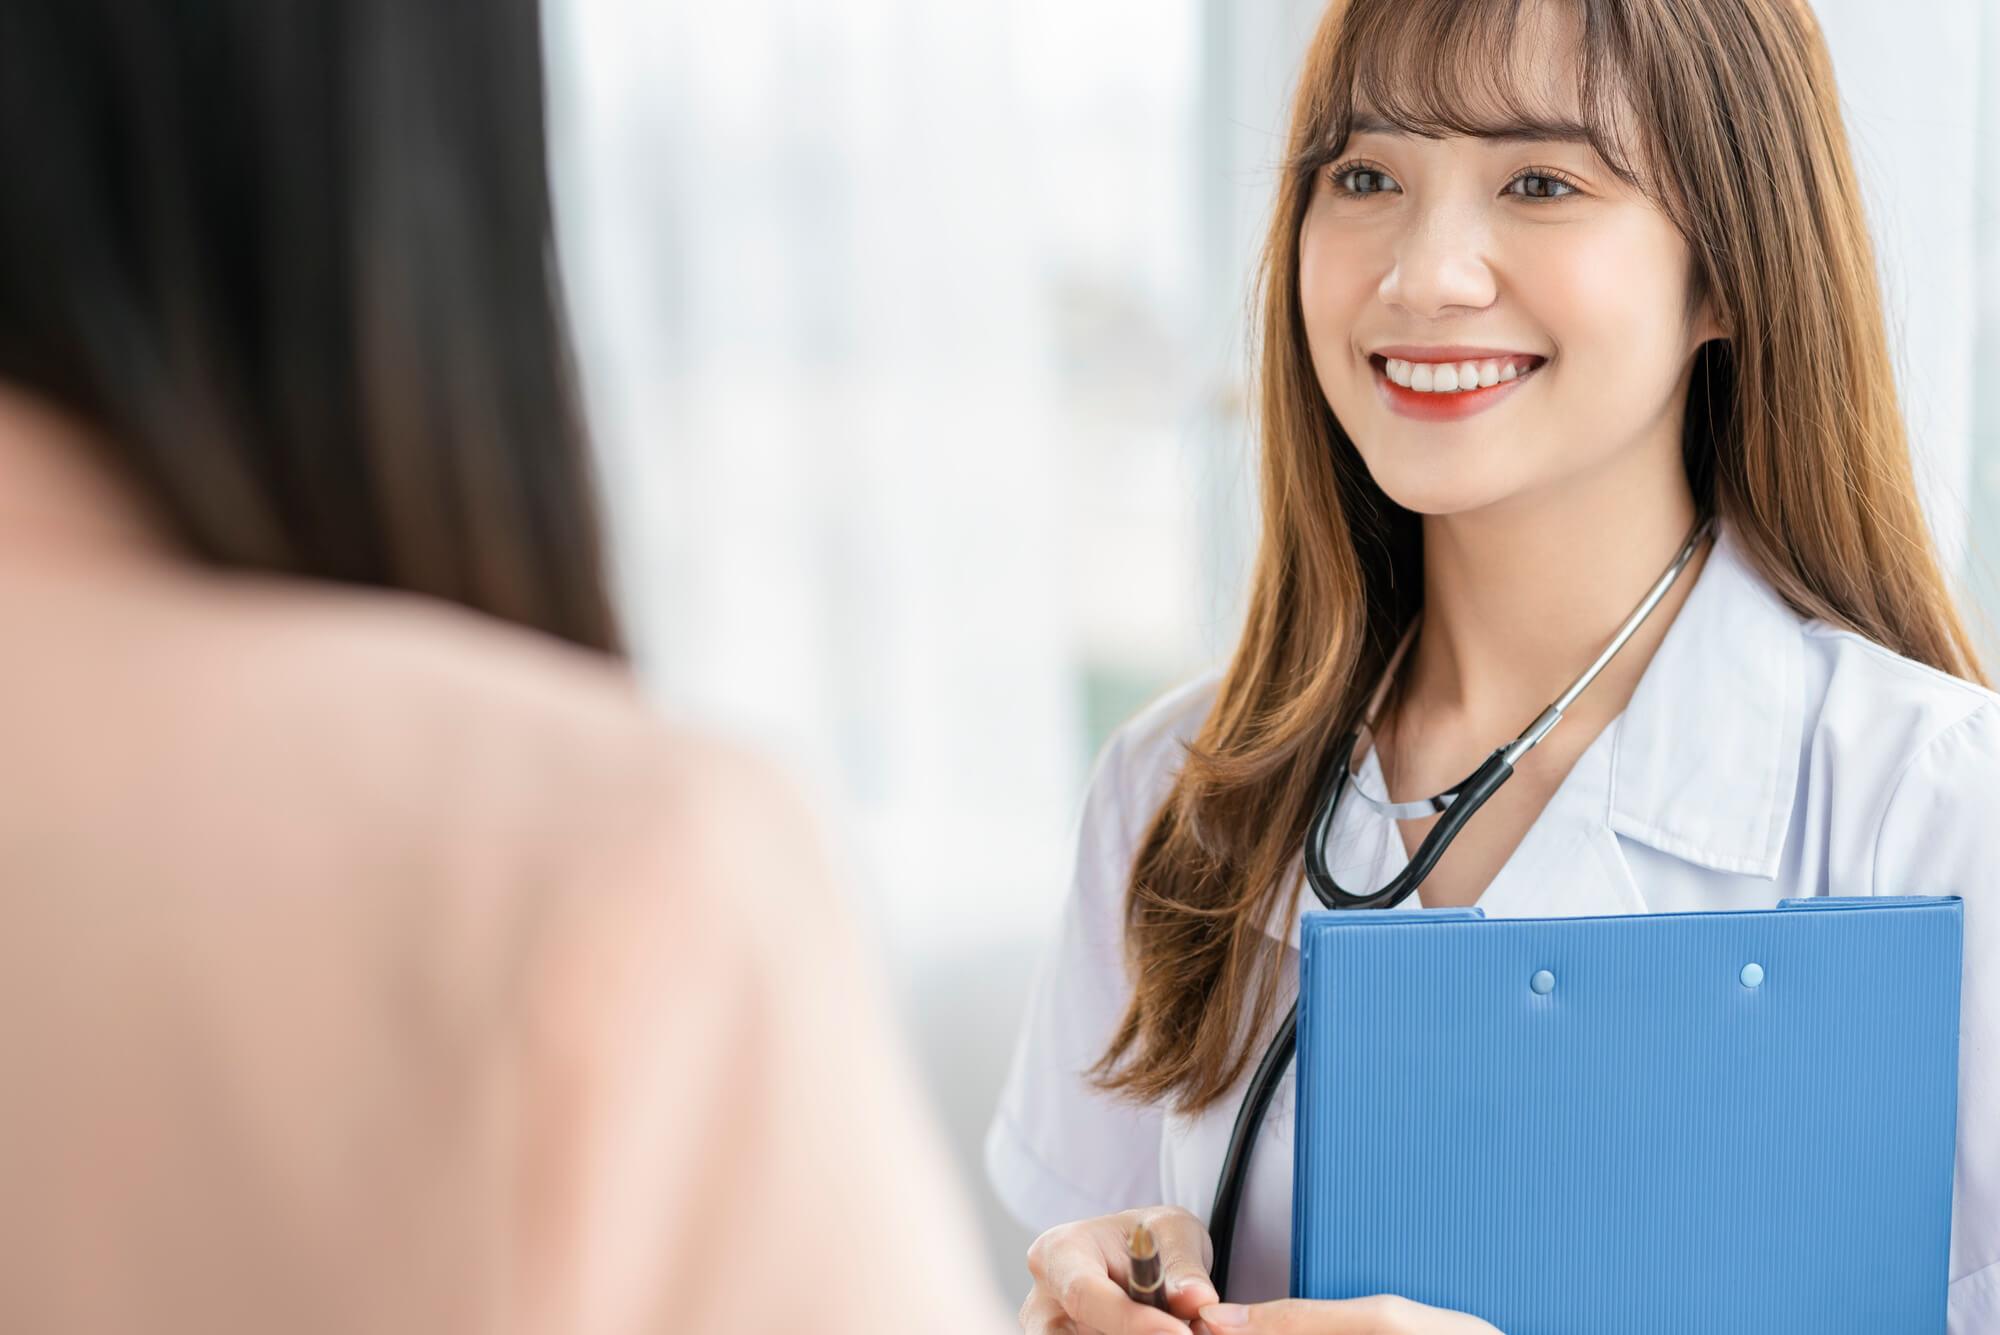 女性クライアントにうつ病改善のカウンセリングを実施している女性カウンセラー